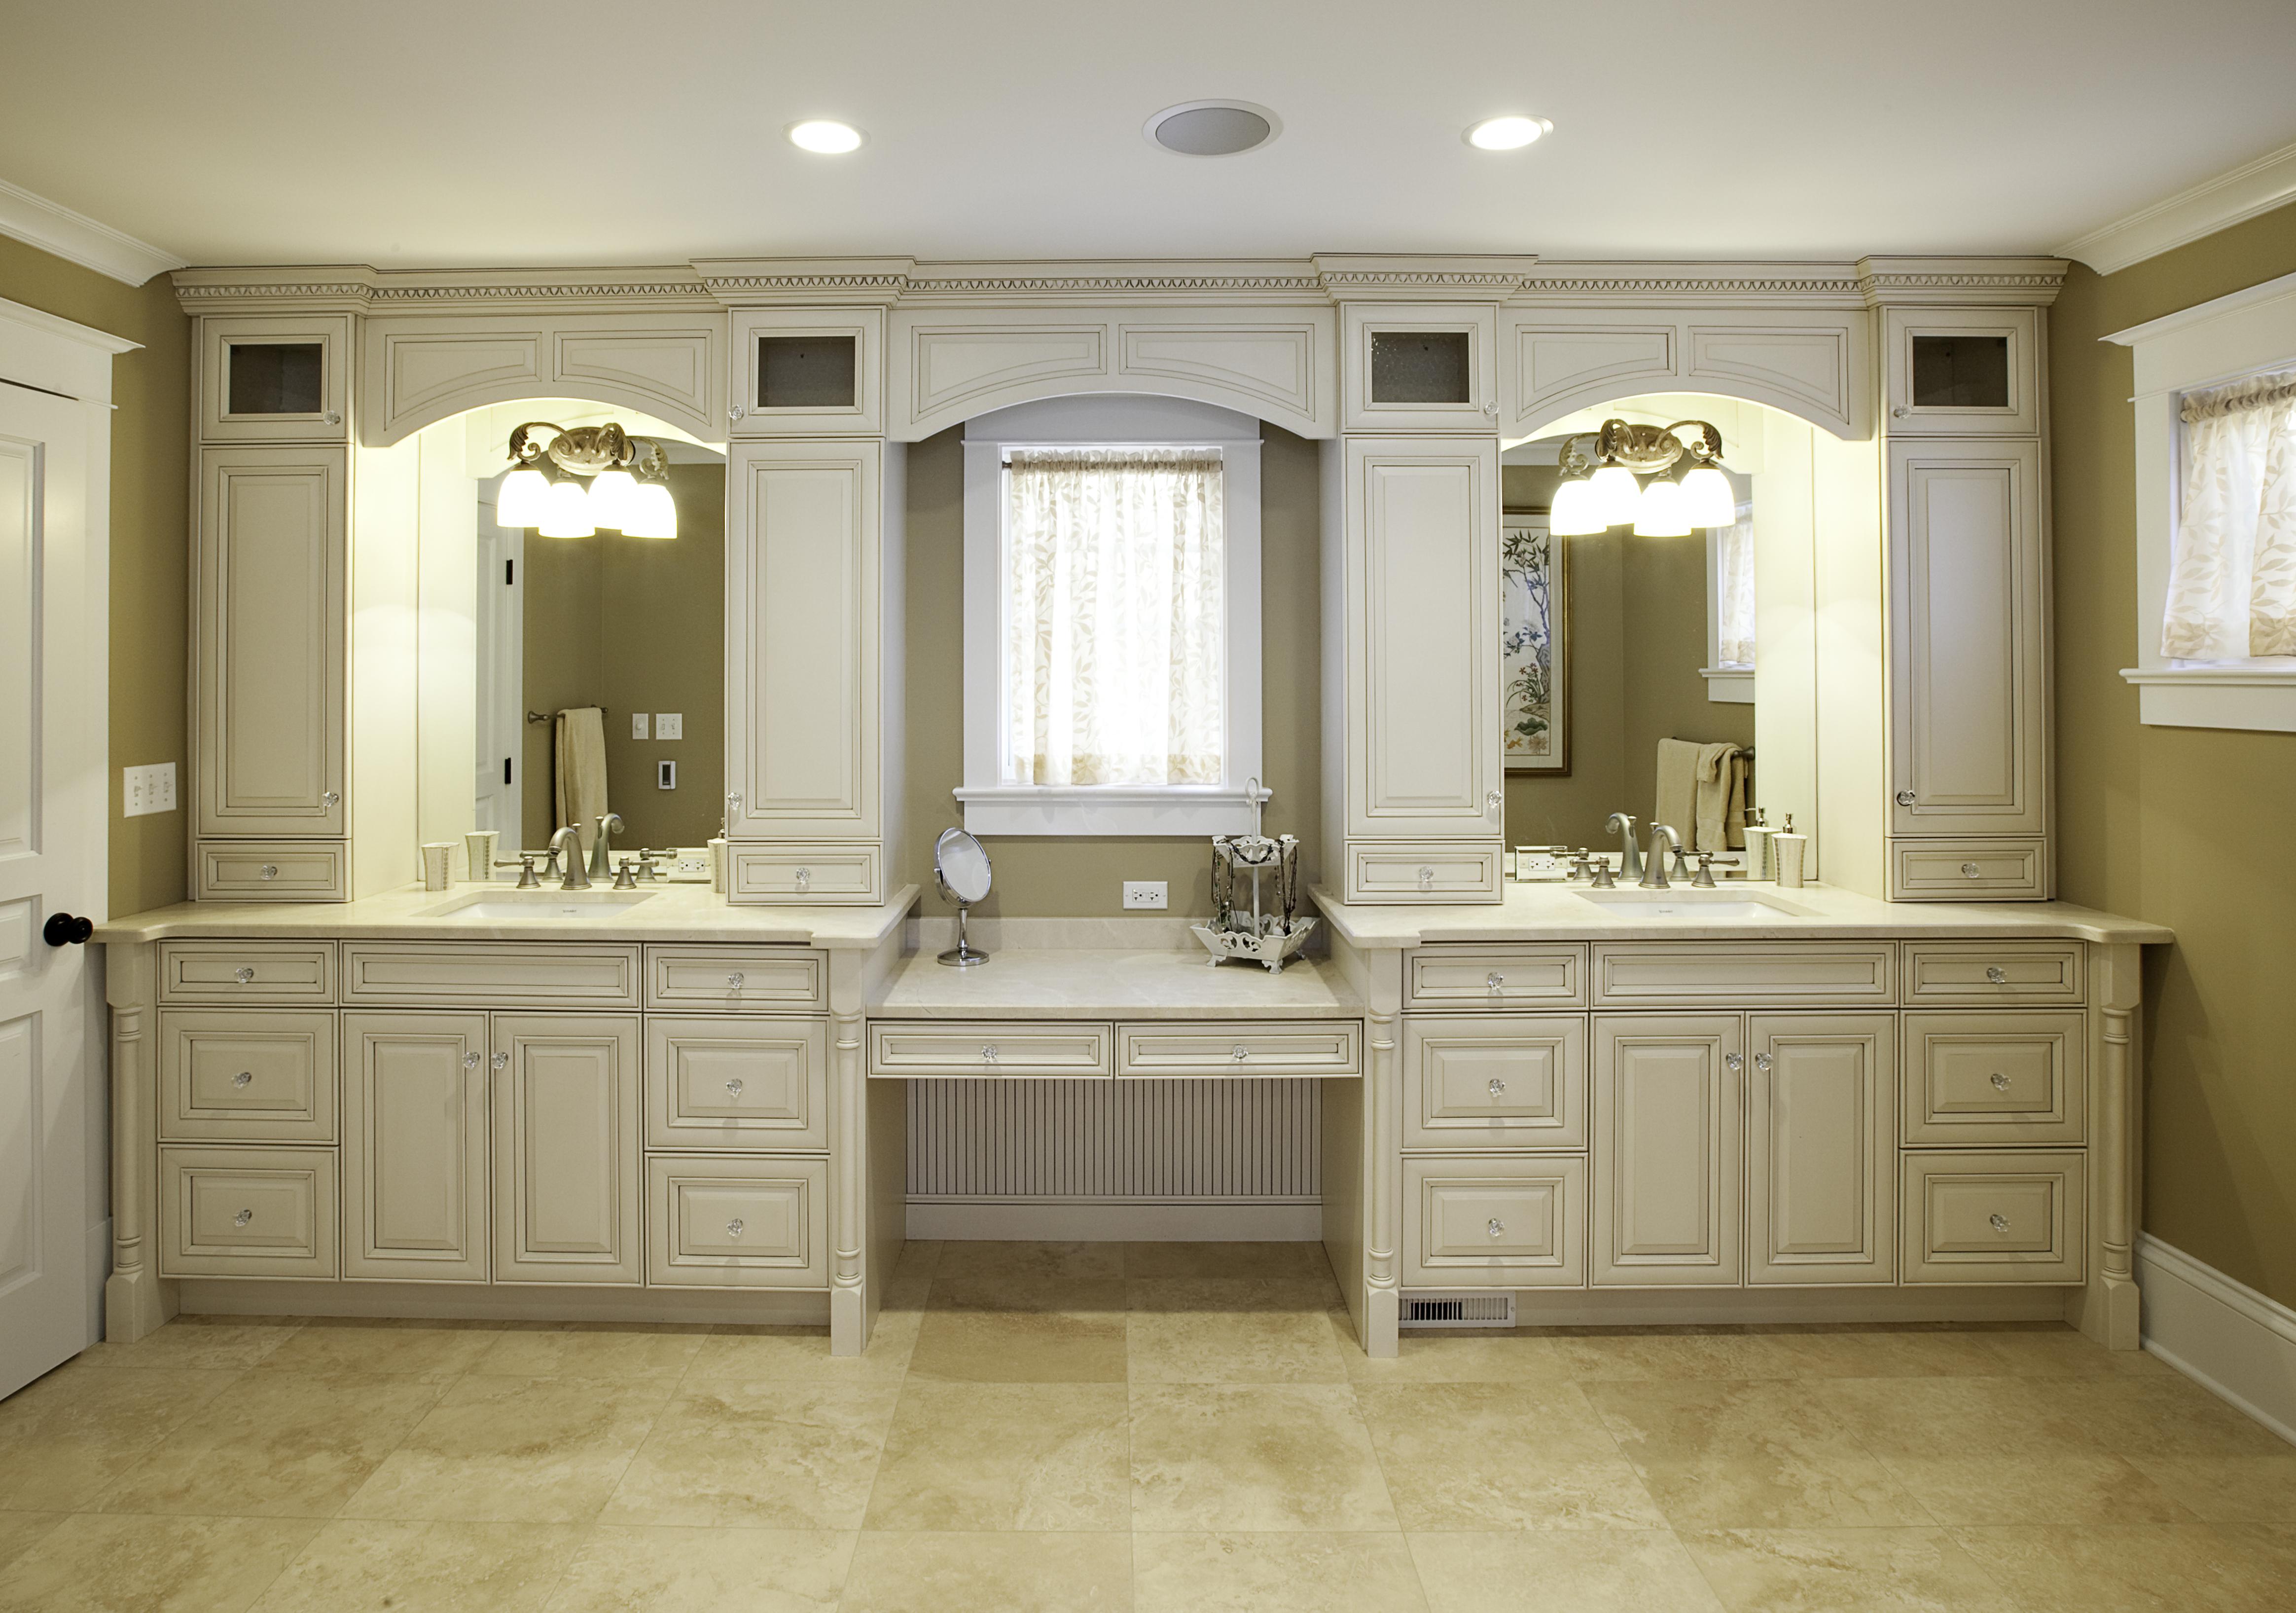 best of whitewash bathroom vanity model-Inspirational Whitewash Bathroom Vanity Construction